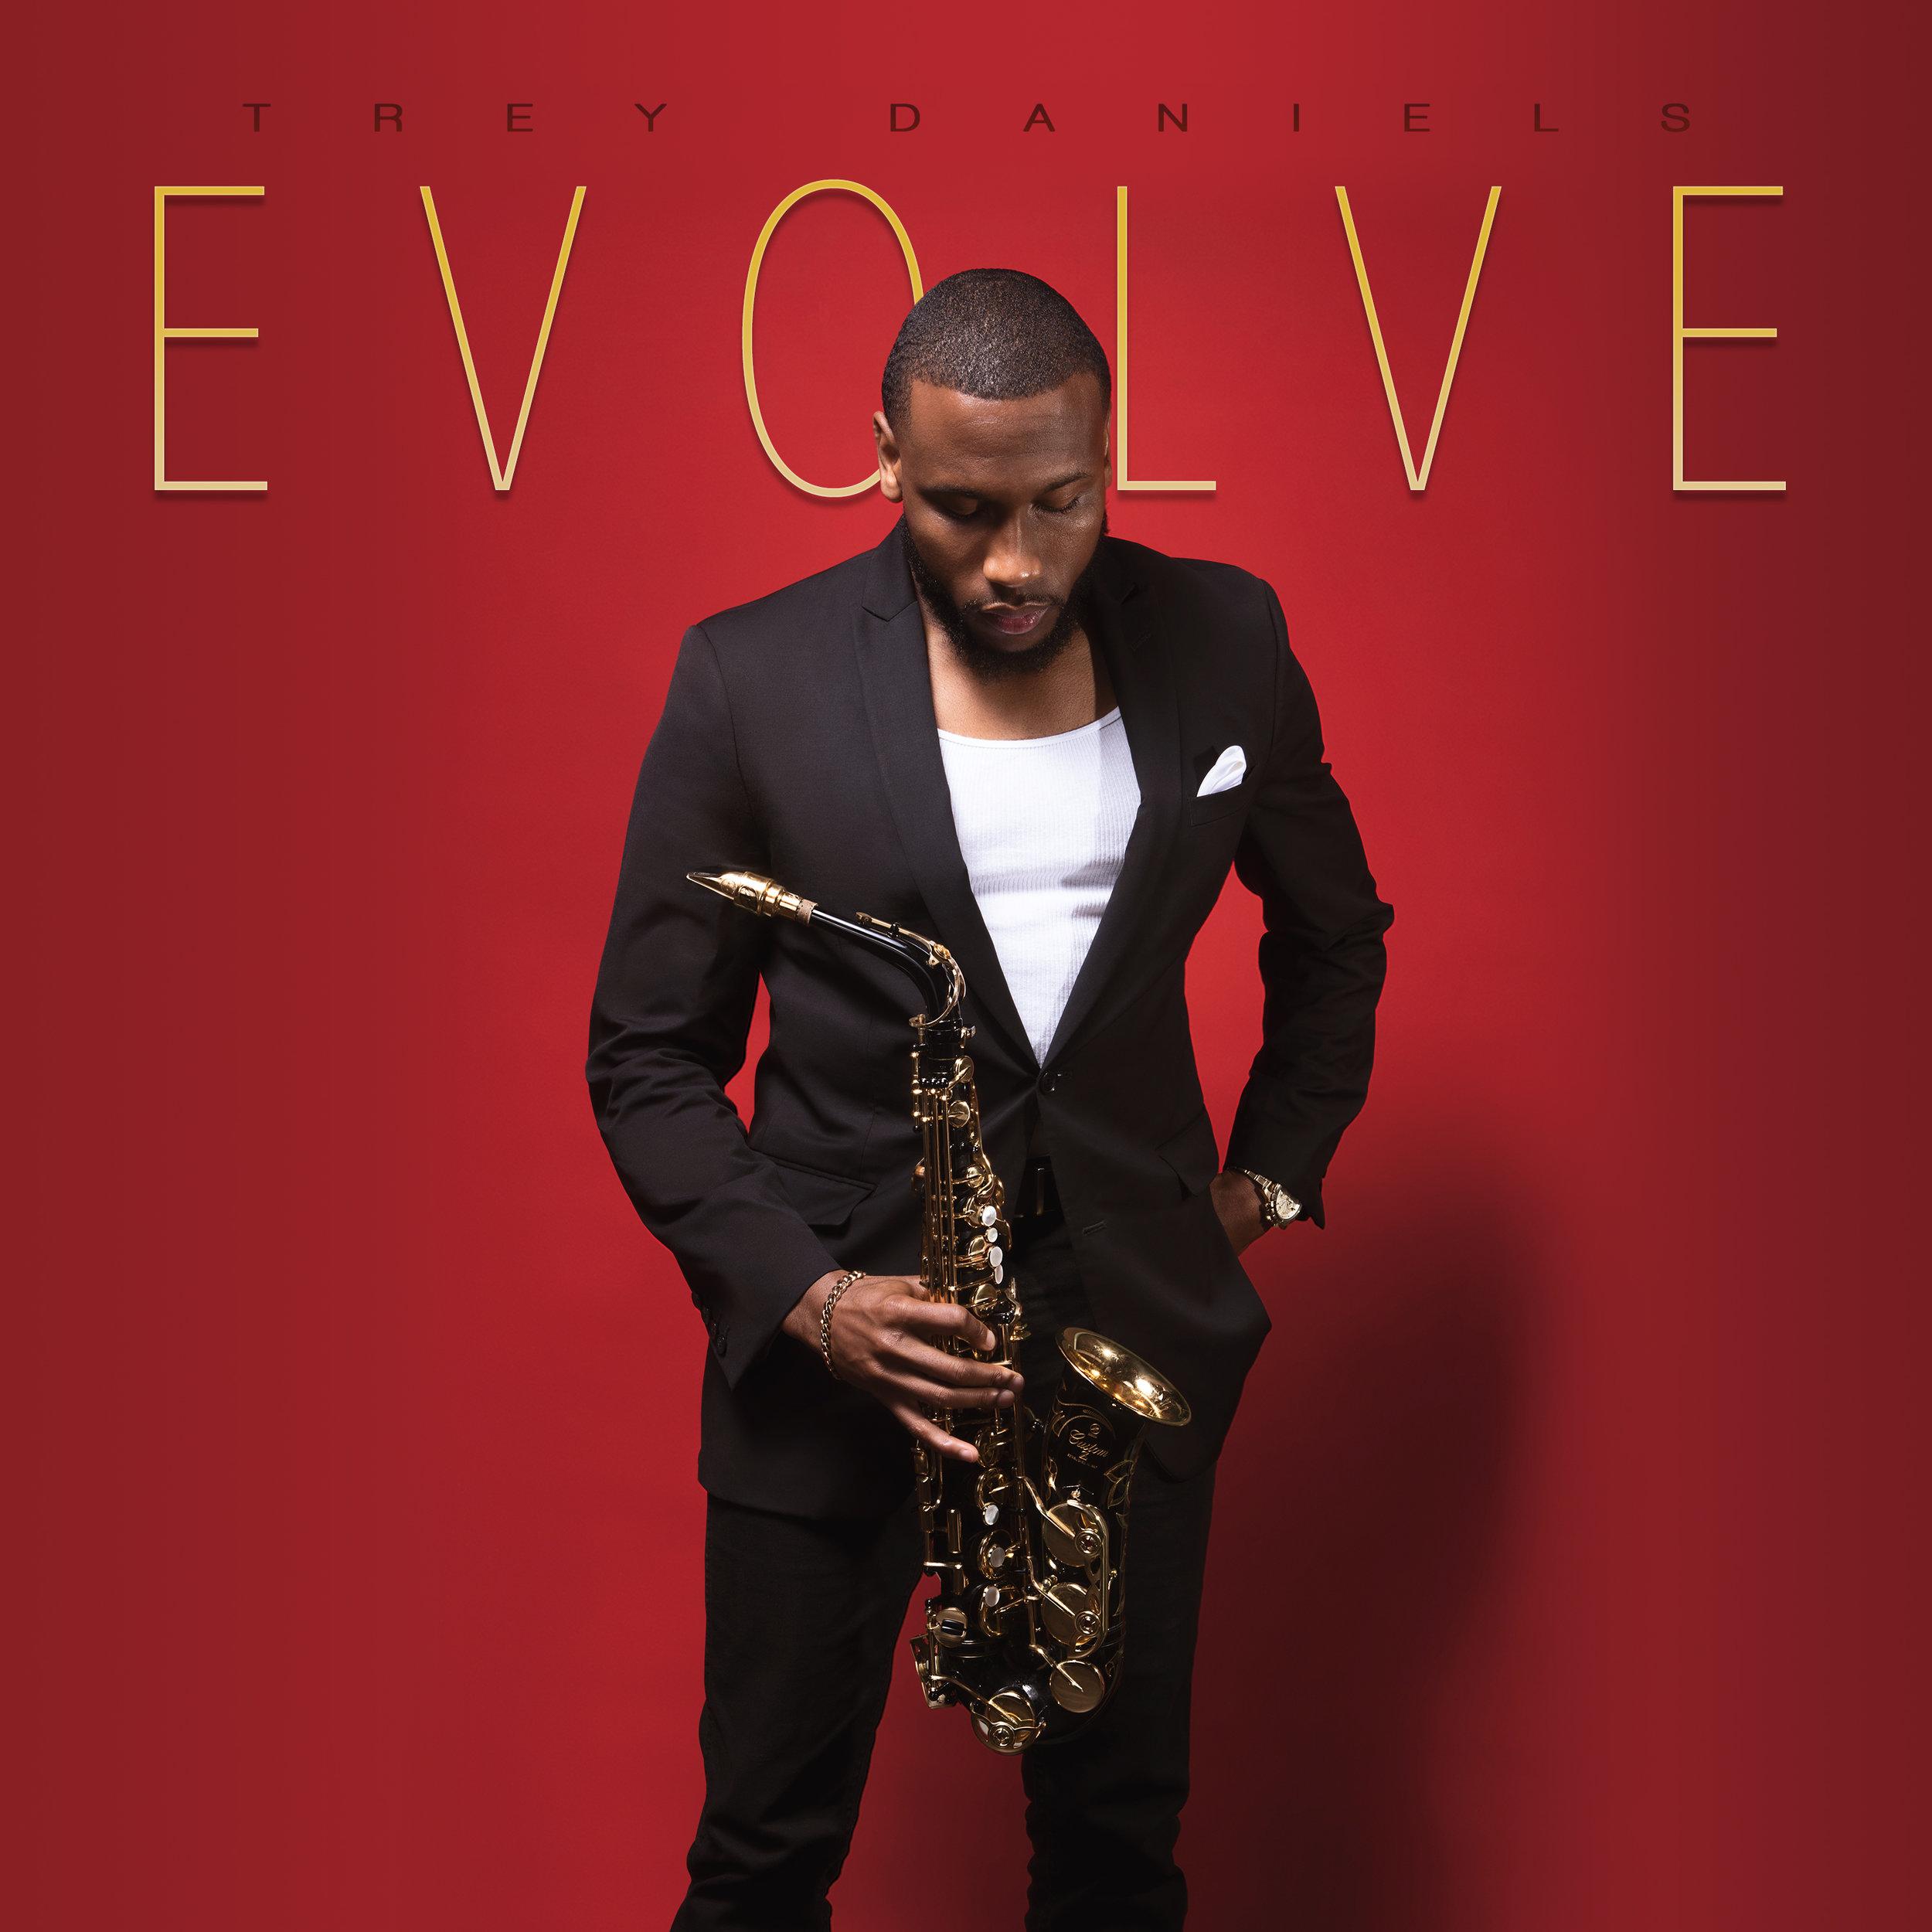 EVOLVE Cover Hi-Rez.jpg